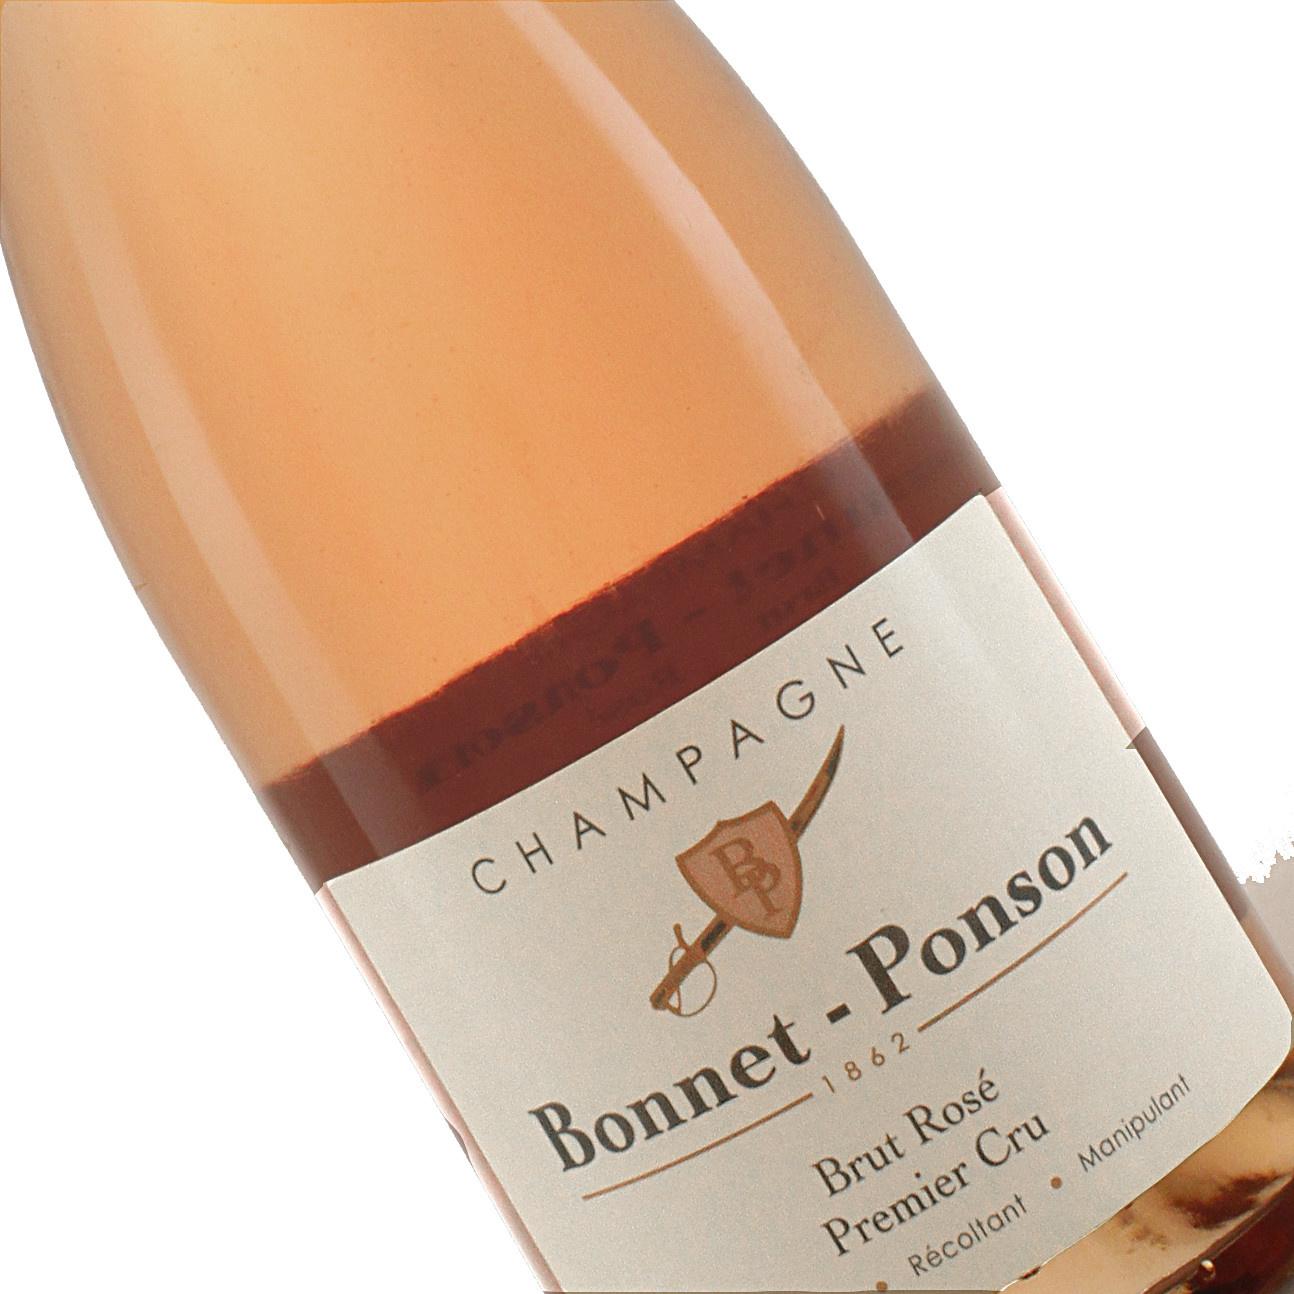 Bonnet-Ponson N.V. Brut Rose Premiere Cru, Champagne